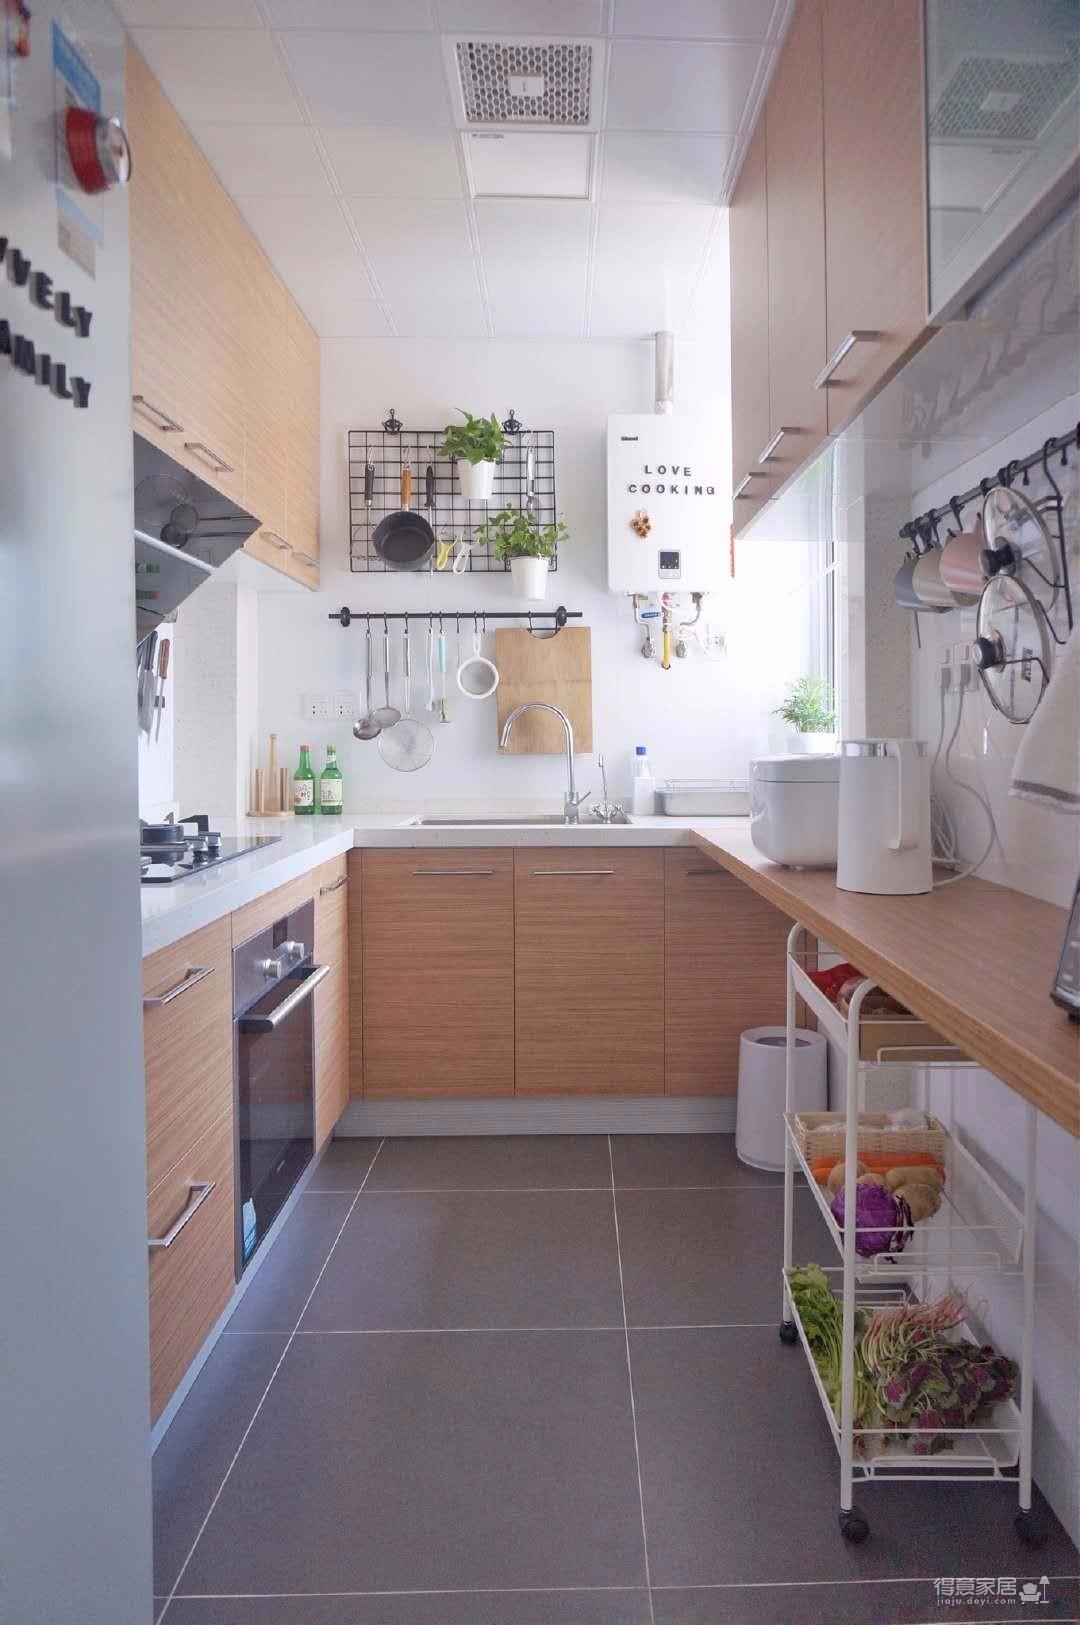 70平北欧风格装修案例,厨房配色设计很经典,白墙亮堂,灰色地砖耐脏,原木色橱柜很温暖。